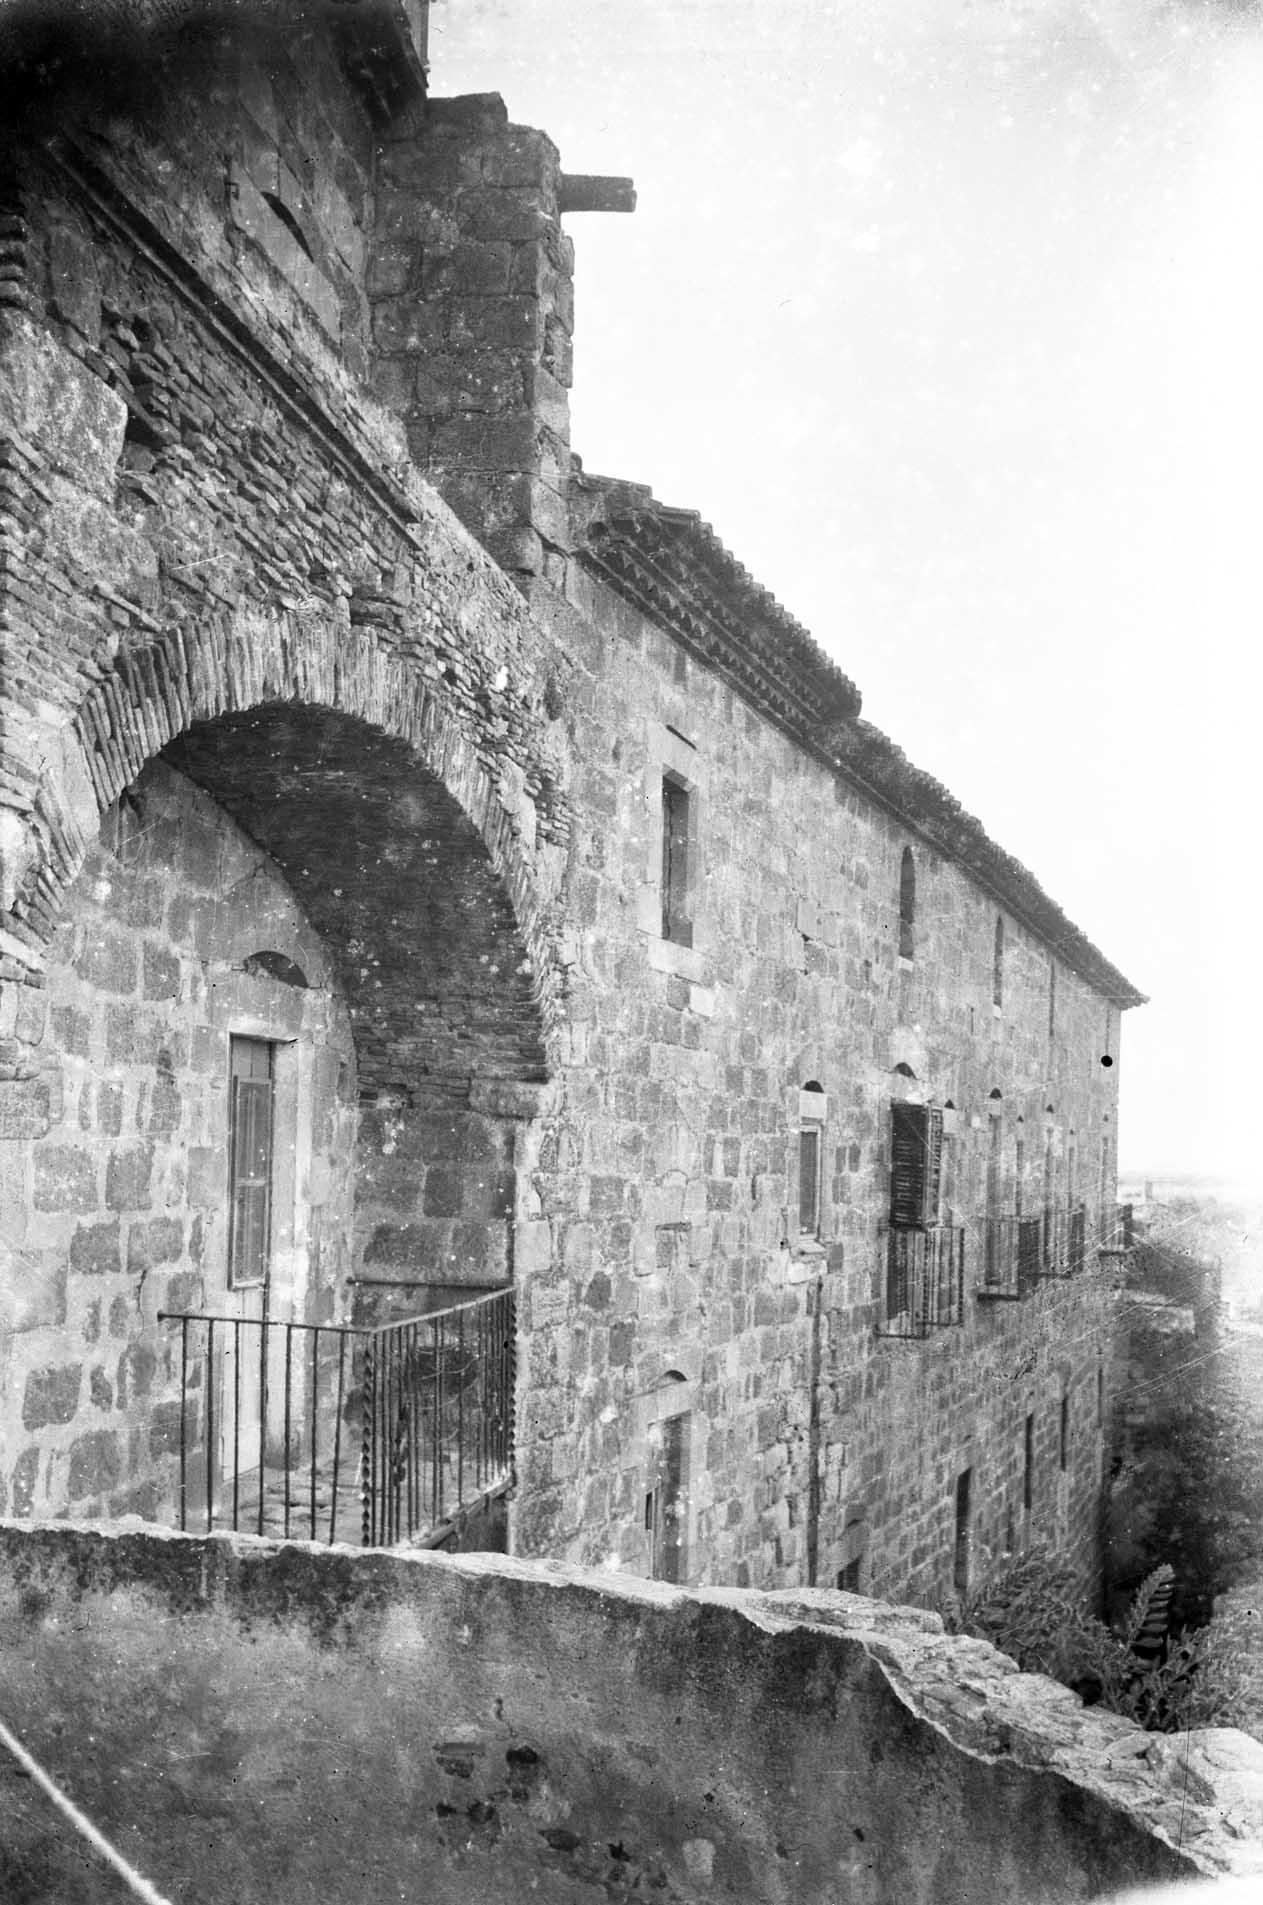 Vista lateral de l'antiga muralla del Palau dels Comtes, o antic convent de Sant Domènec, a Castelló d'Empúries, entre els anys 1942 i 1944 (ACGAX. Fons Sadurní Brunet Pi. Autor: Sadurní Brunet)